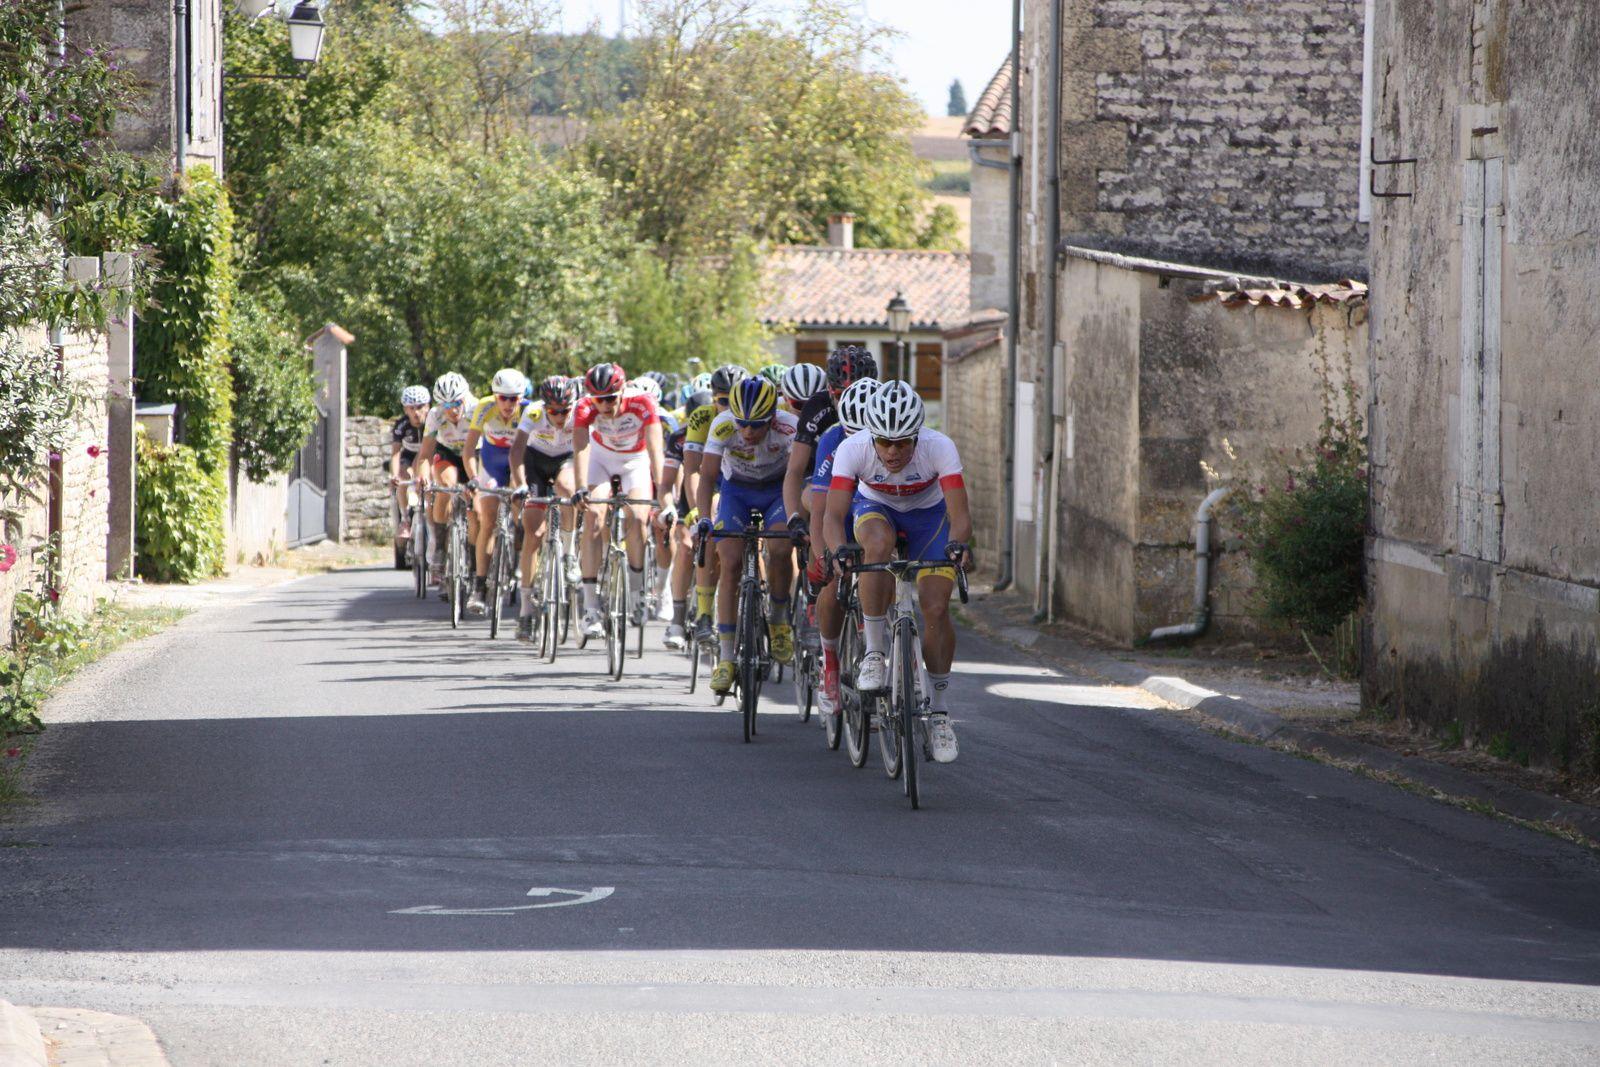 Fin  du  grand  tour , un  groupe  s'est  dégagé  avec  une  trentaine  de  secondes  d'avance  sur  le  1er  peloton  ou  ne  figure  plus  le  champion  de  France.